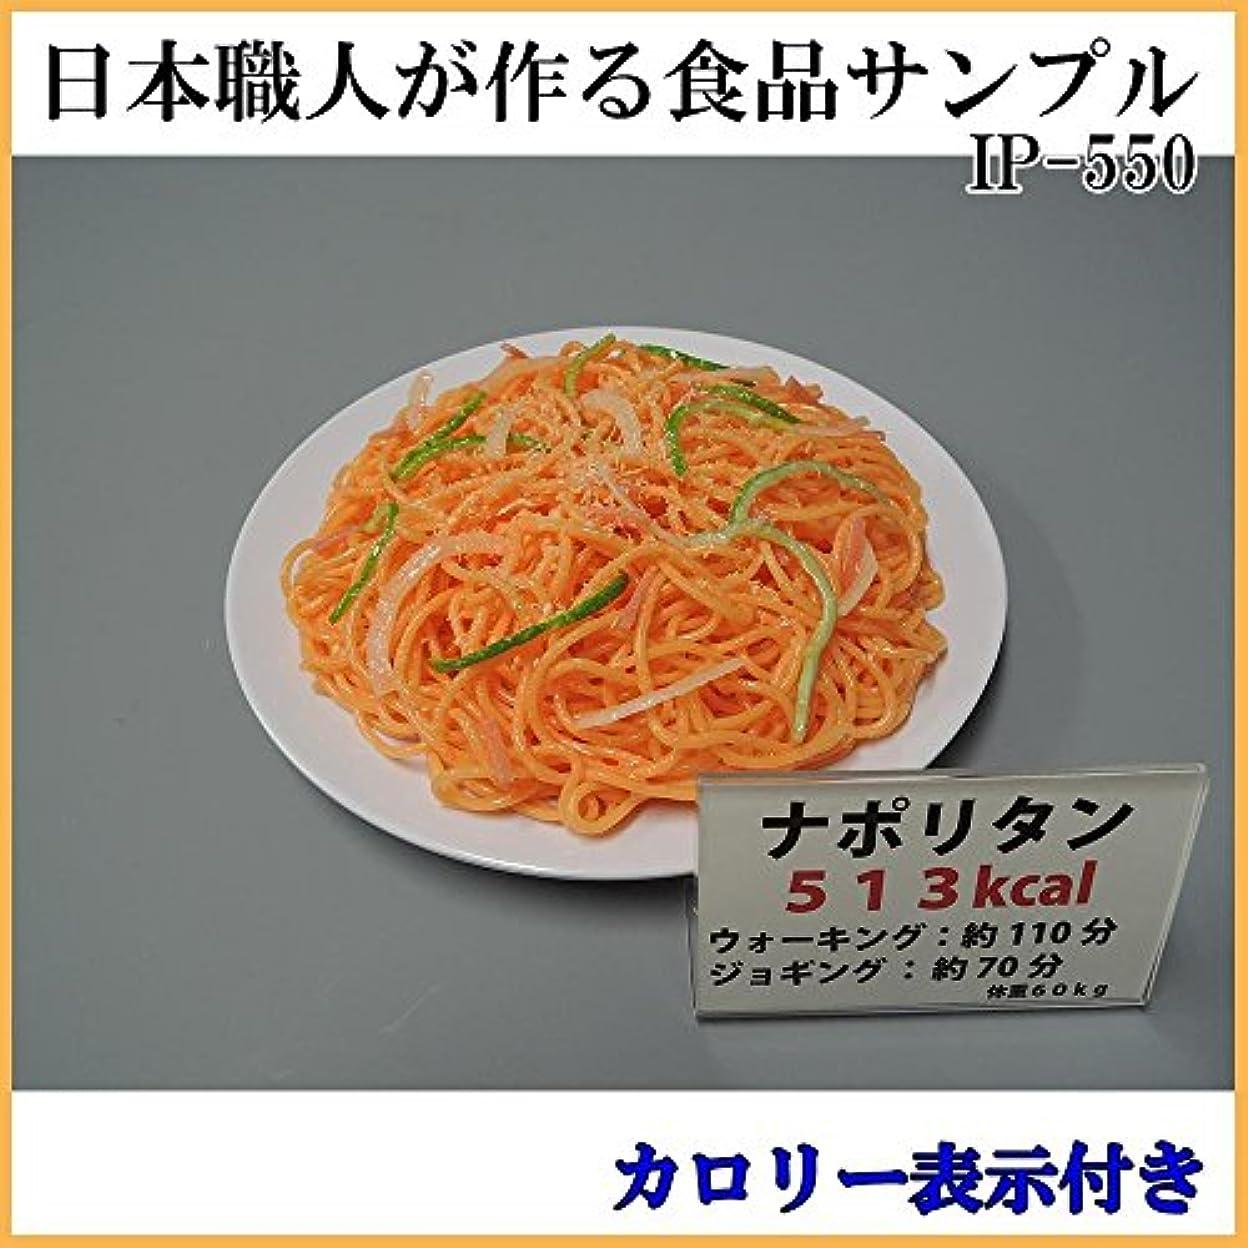 自分の力ですべてをする市長無駄日本職人が作る 食品サンプル カロリー表示付き ナポリタン IP-550